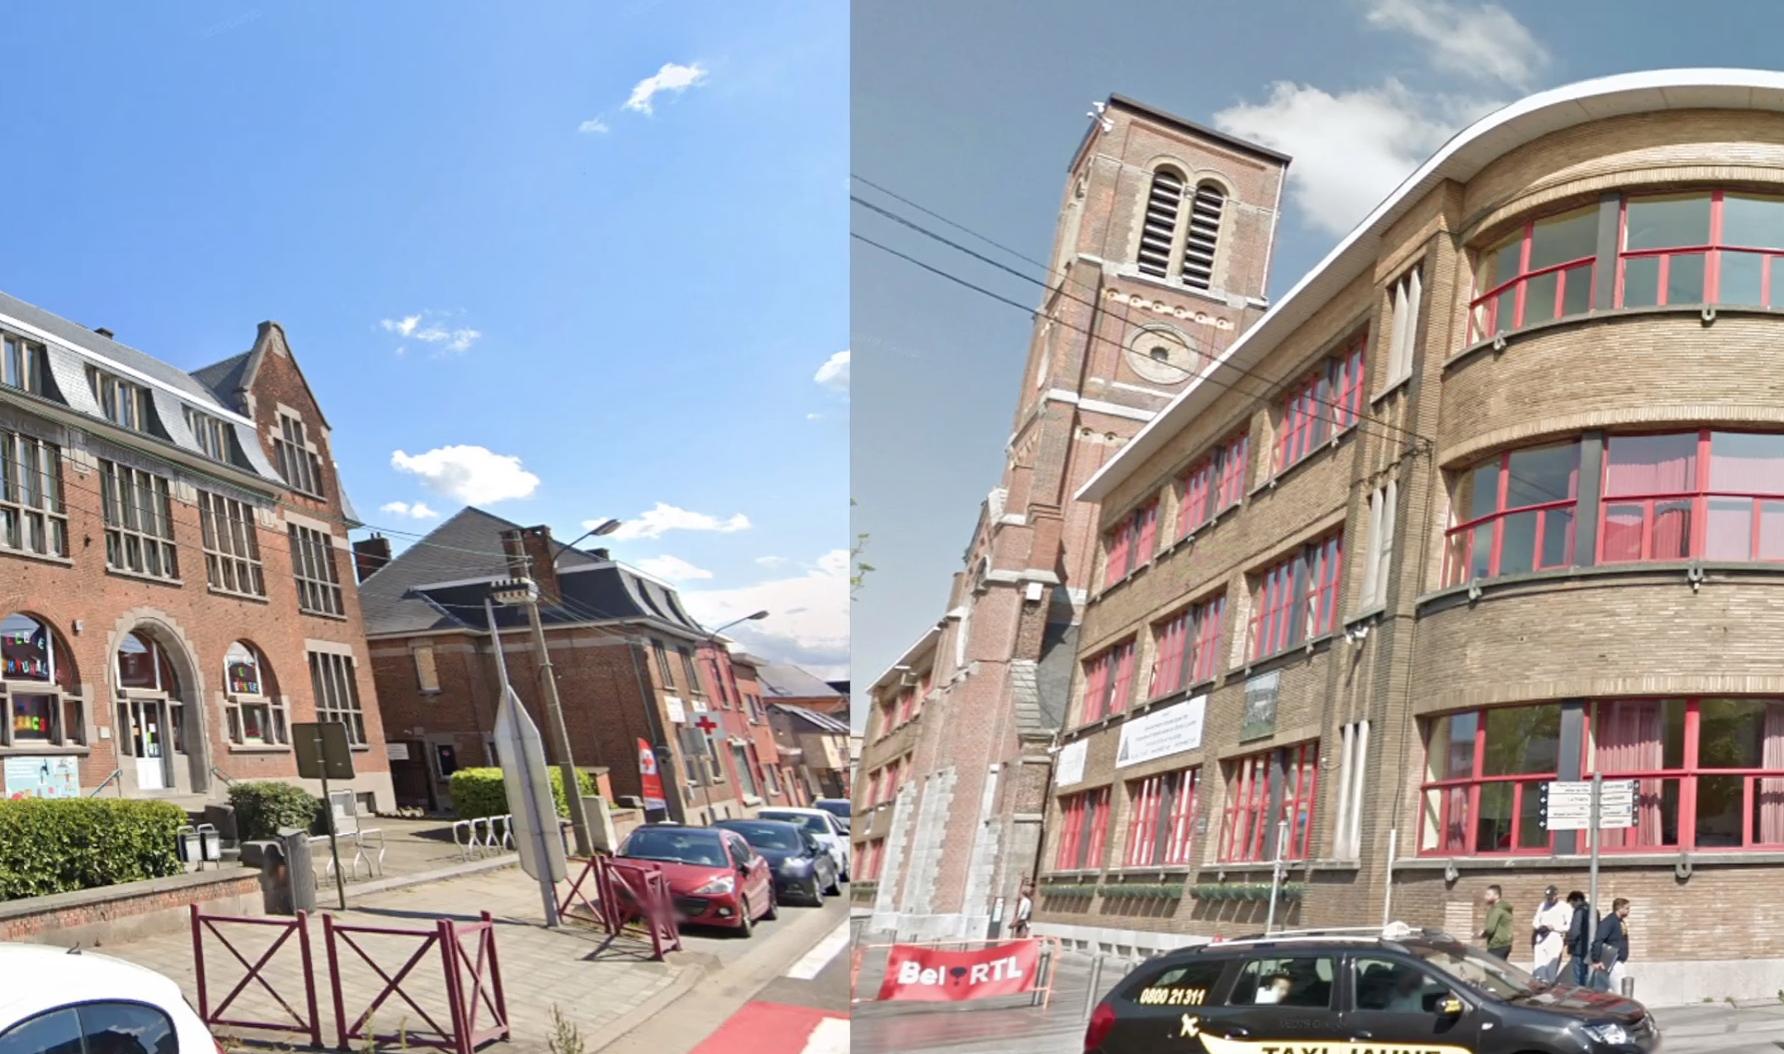 Notre établissement rejoint la Province de Hainaut